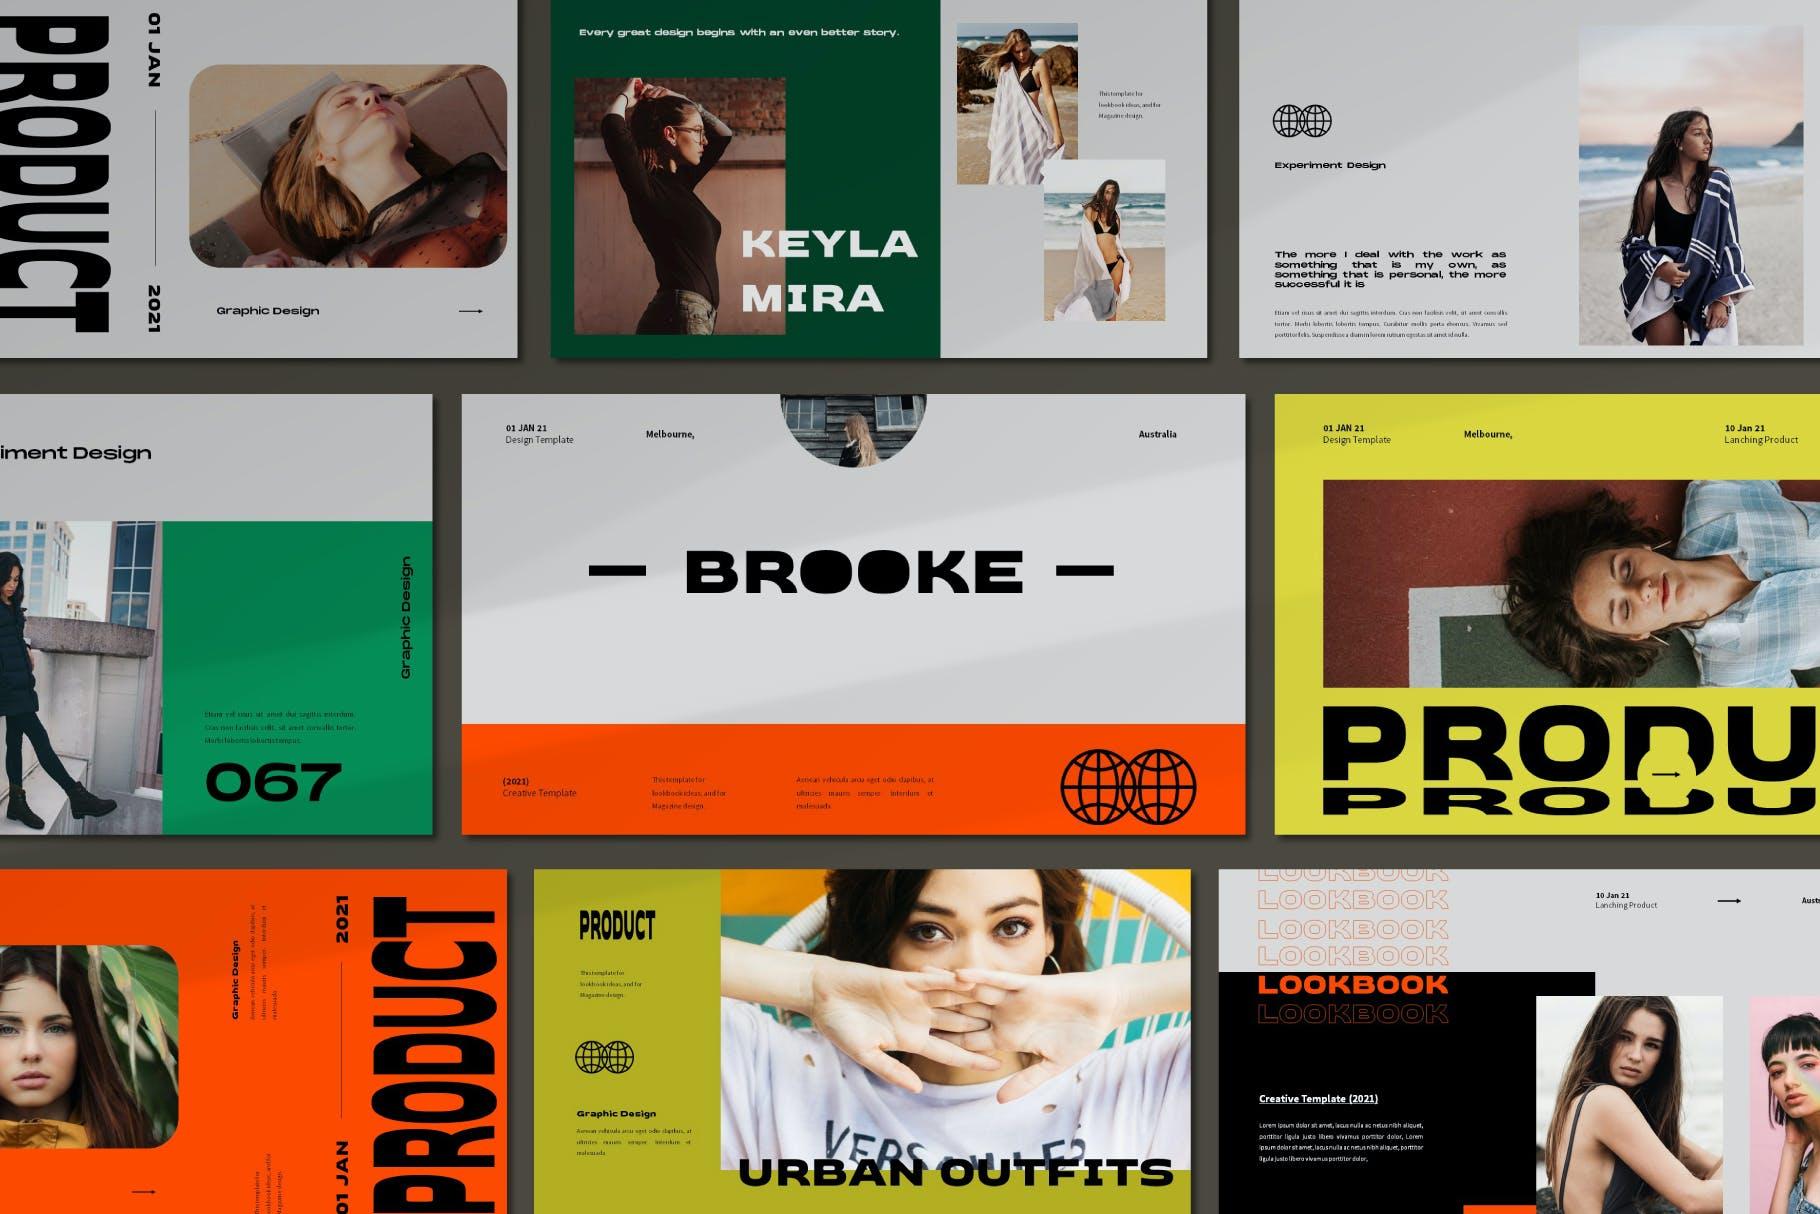 时尚潮流品牌策划案提案简报设计演示文稿模板 Brooke Powerpoint Template插图3